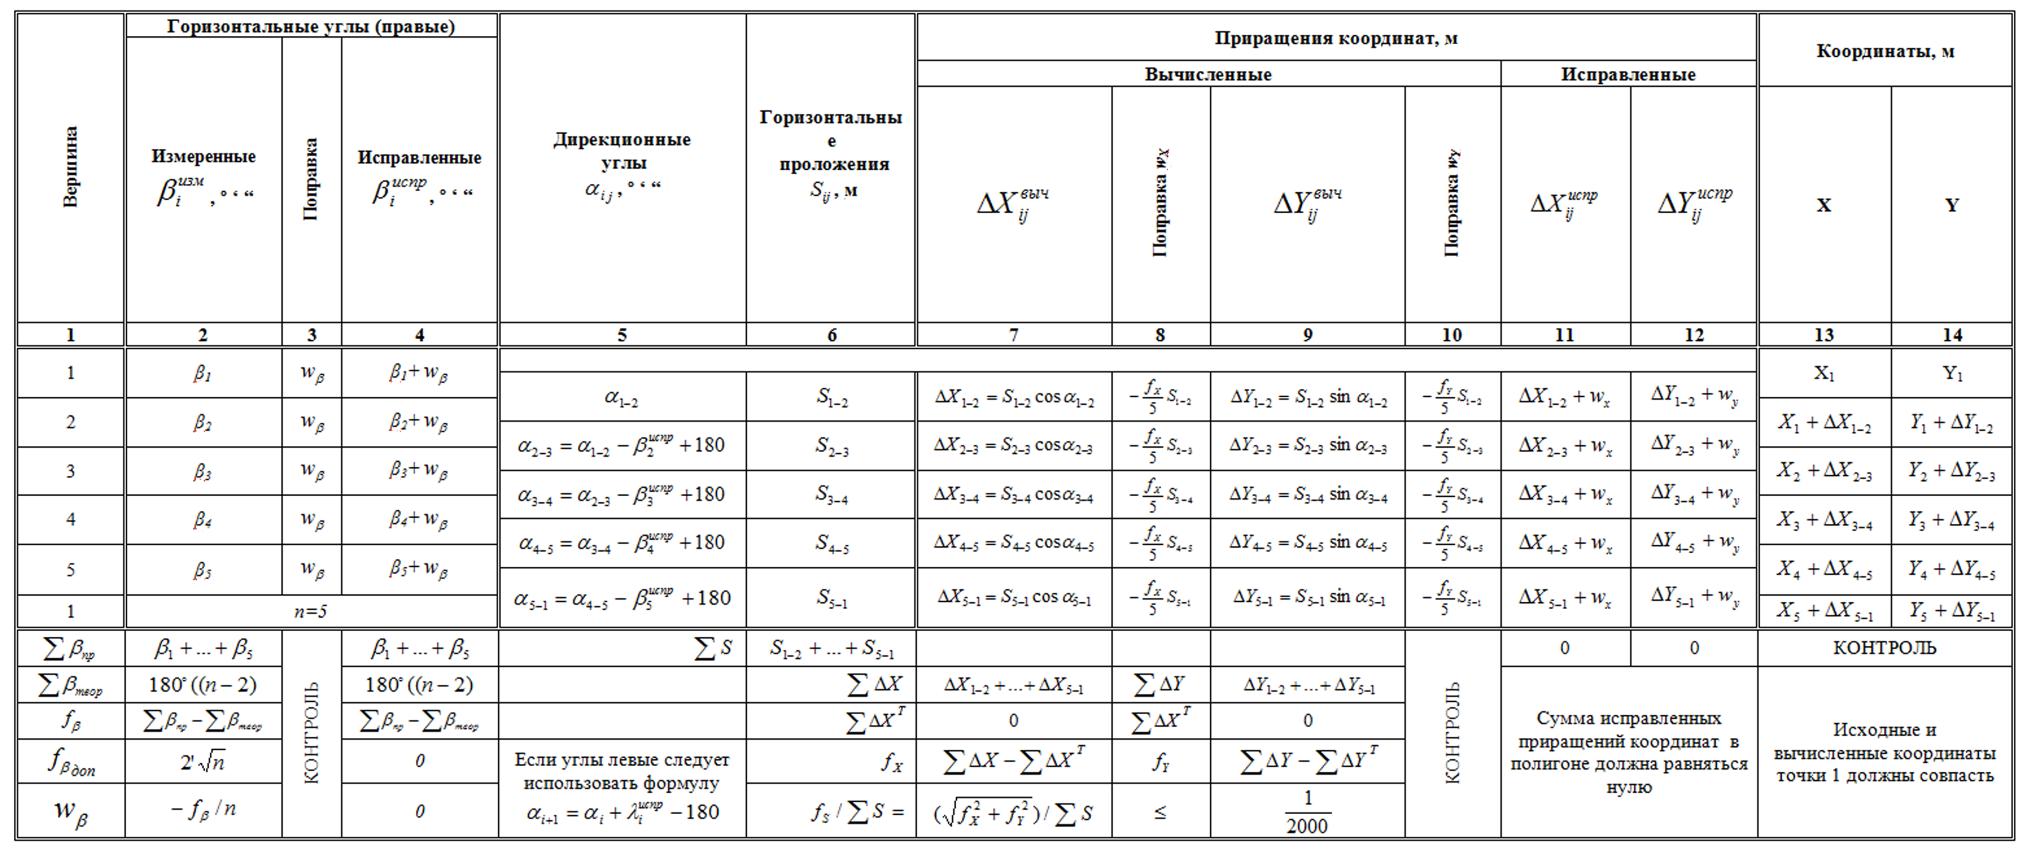 Как сделать геодезический расчет